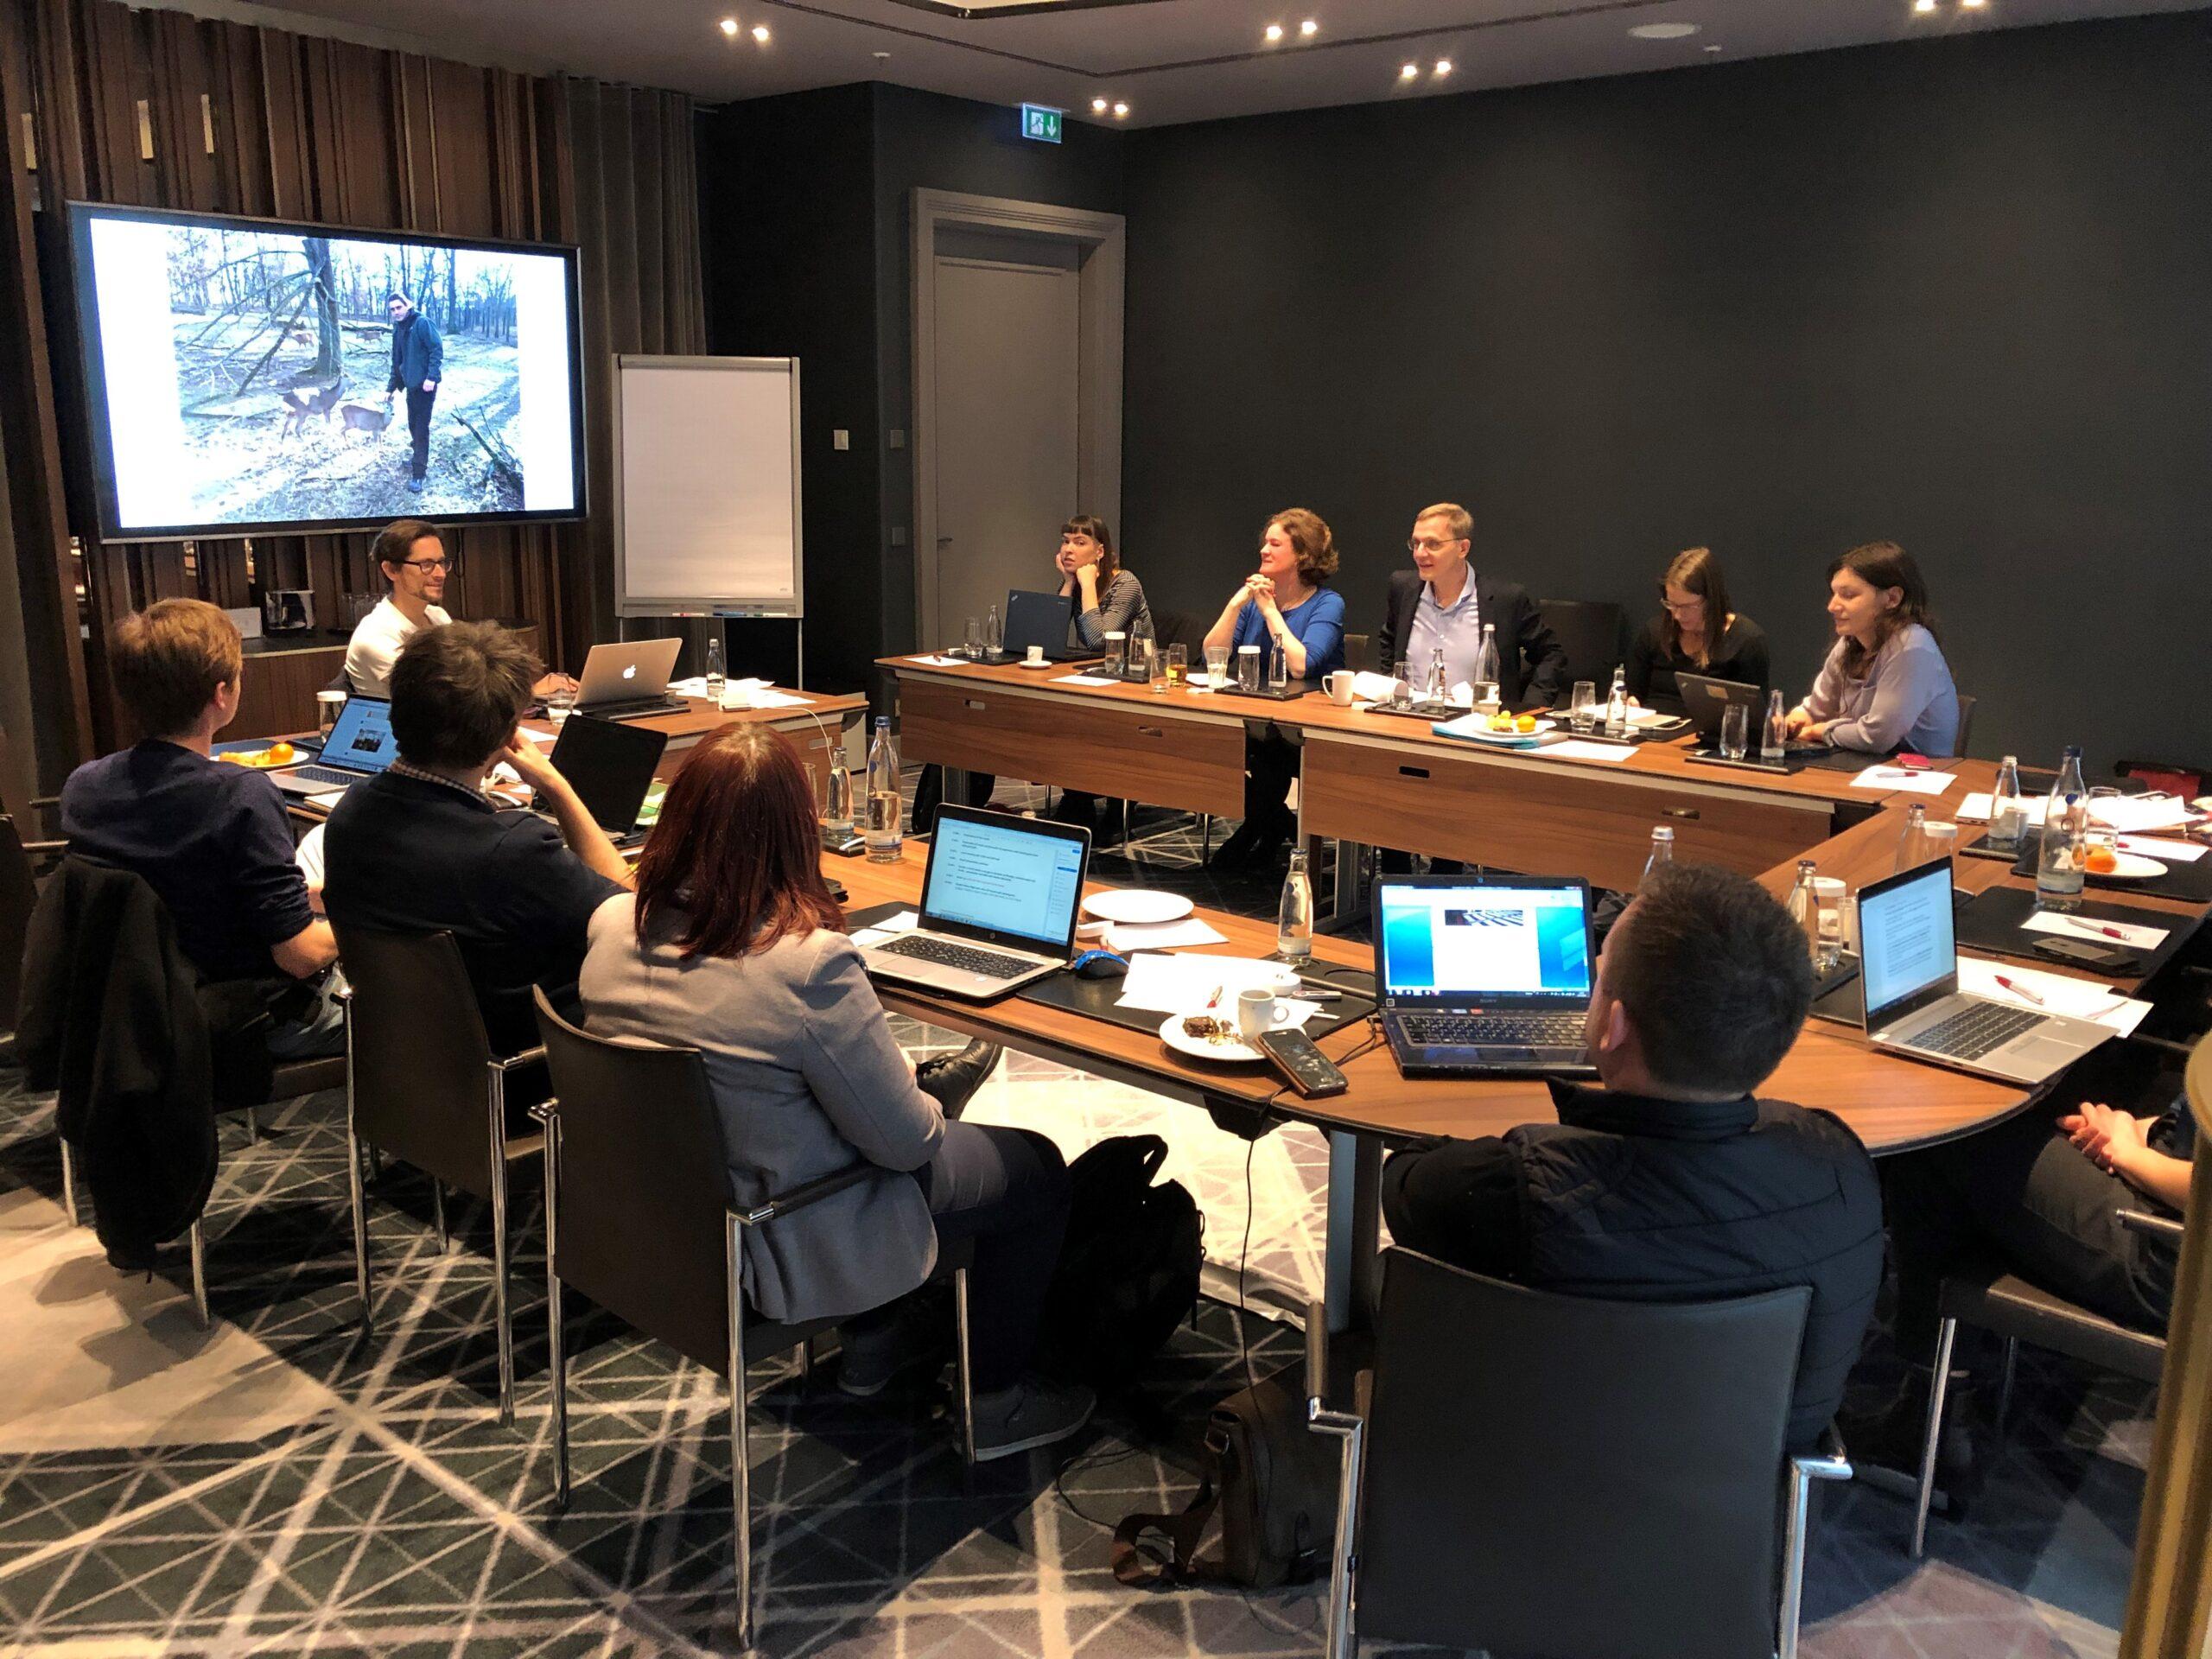 Journalismus StipendiatInnen in einer Konferenz in Berlin.